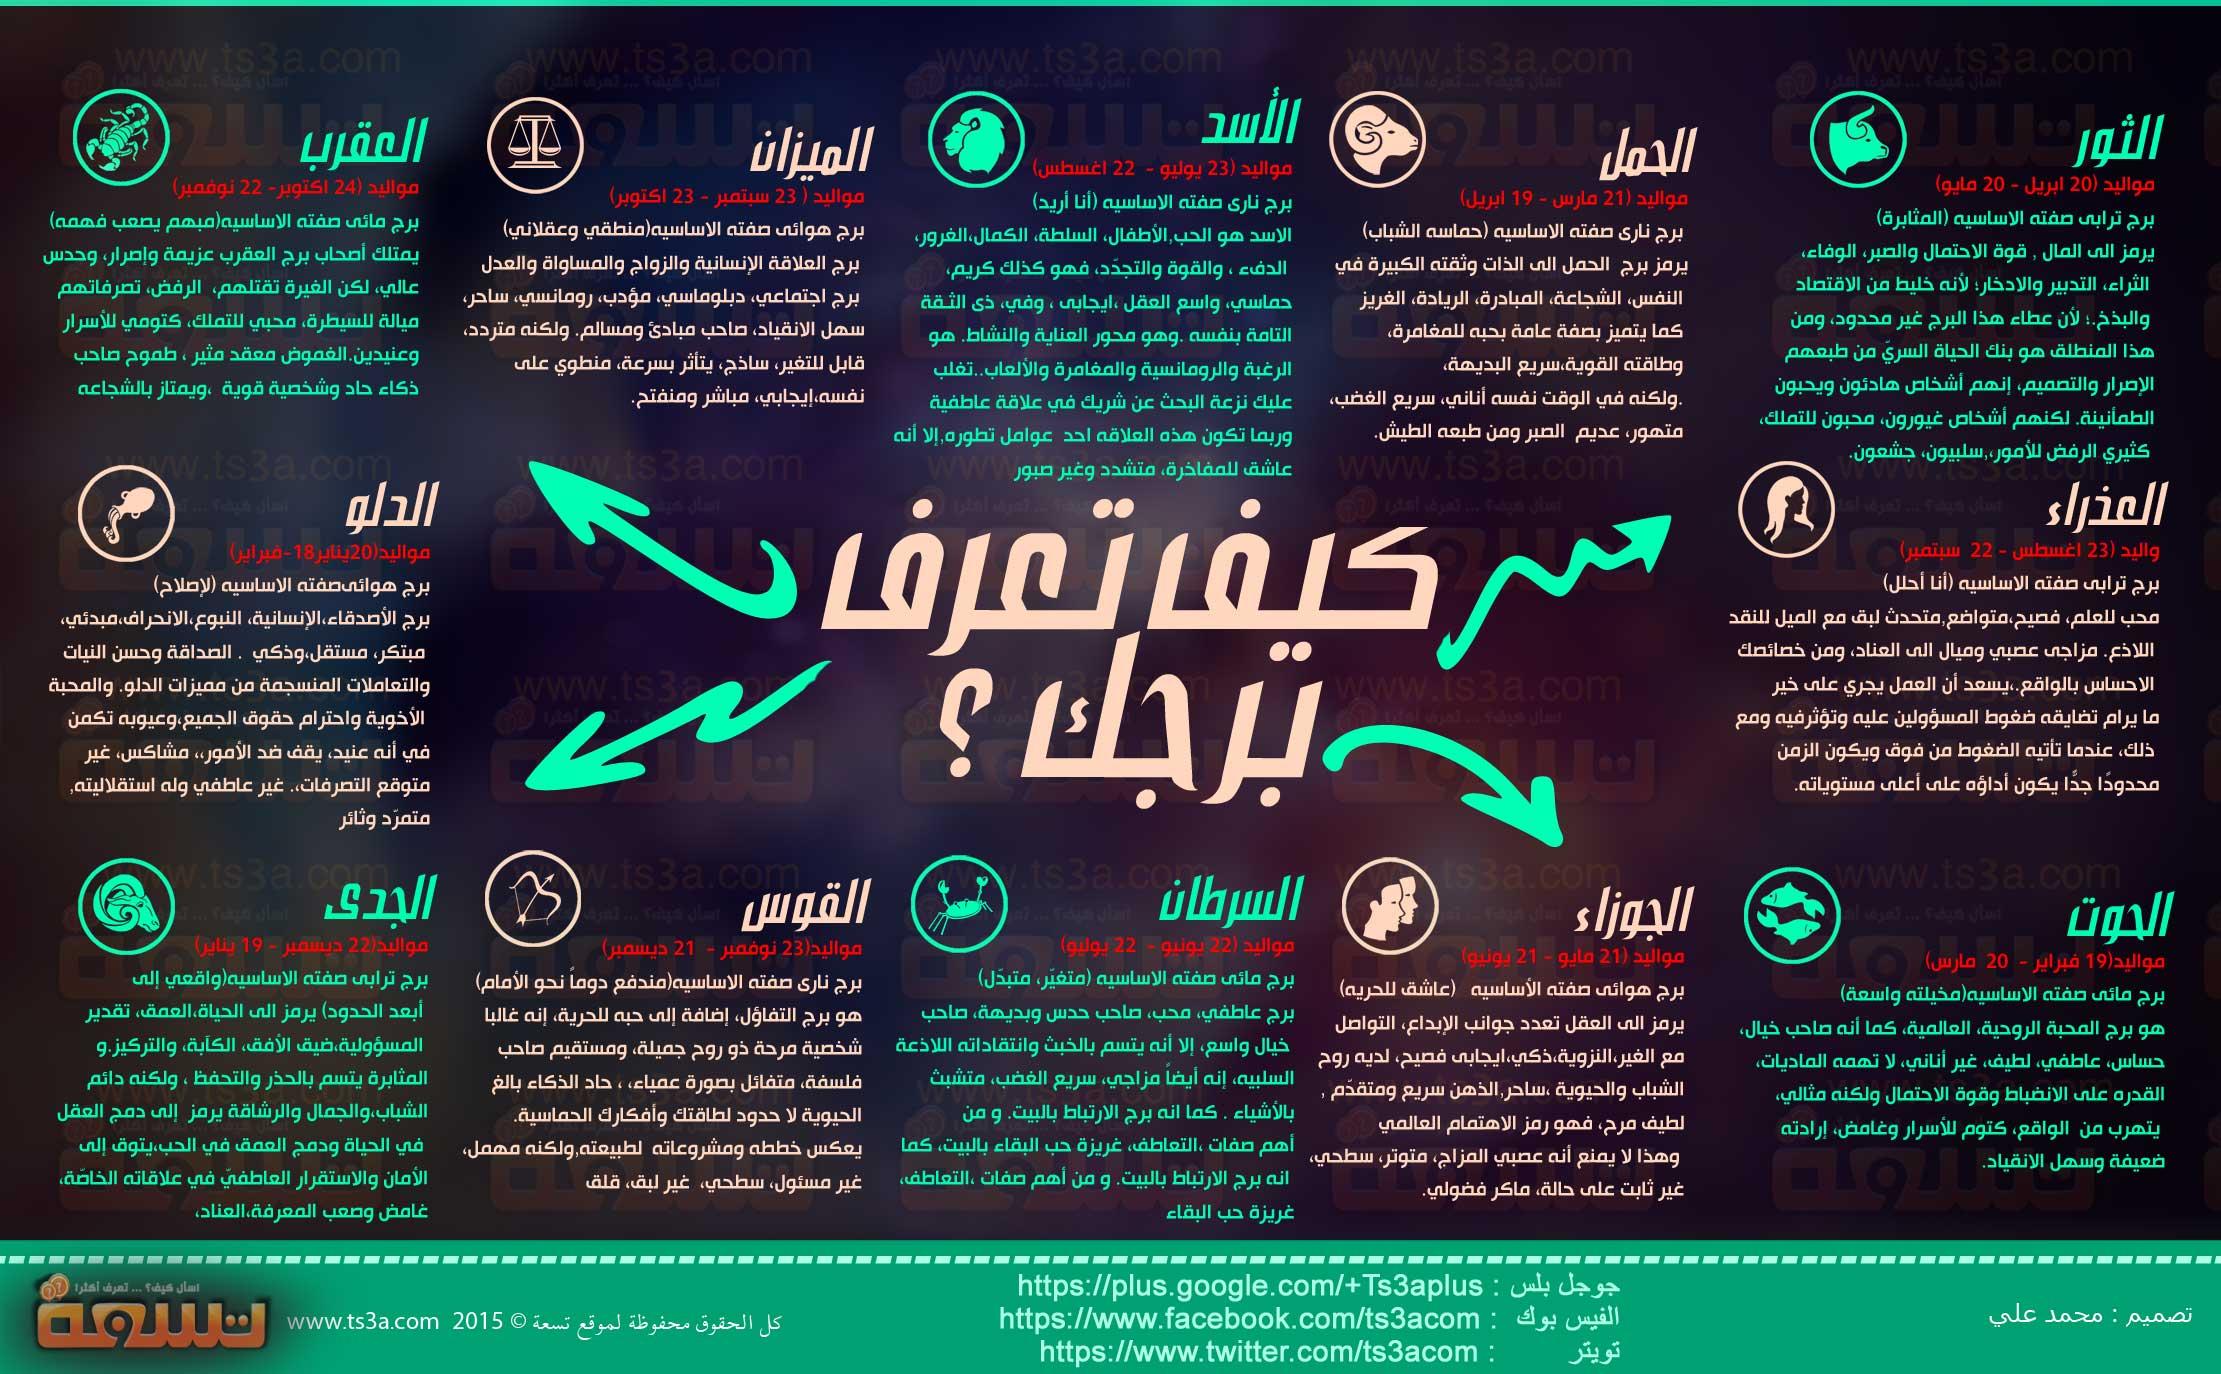 انفوجرافيك عربي كيف تعرف برجك من تاريخ ميلادك وصفات برجك